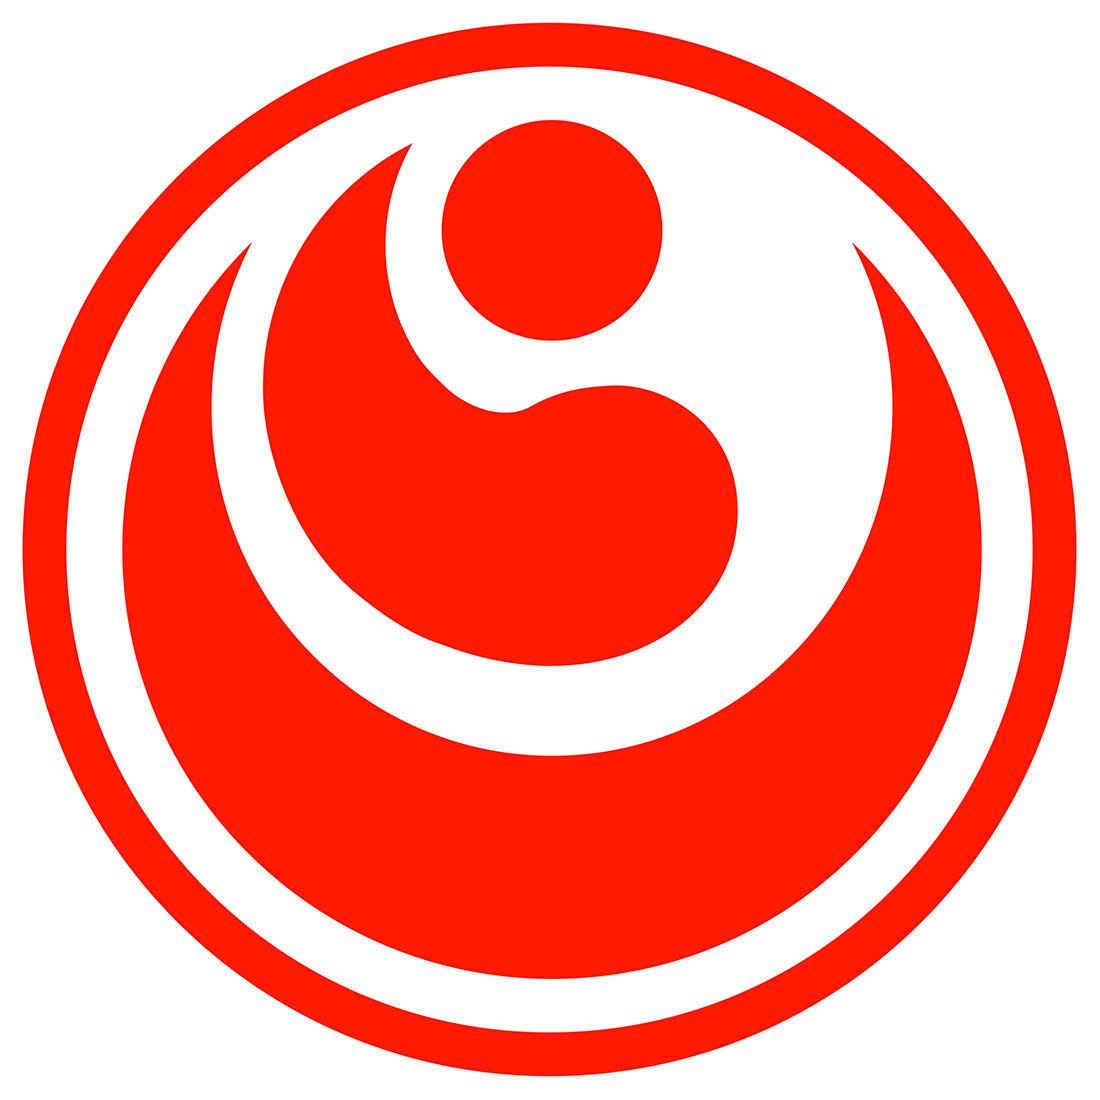 Resultado de imagen de kokoro simbolo kyokushinkai